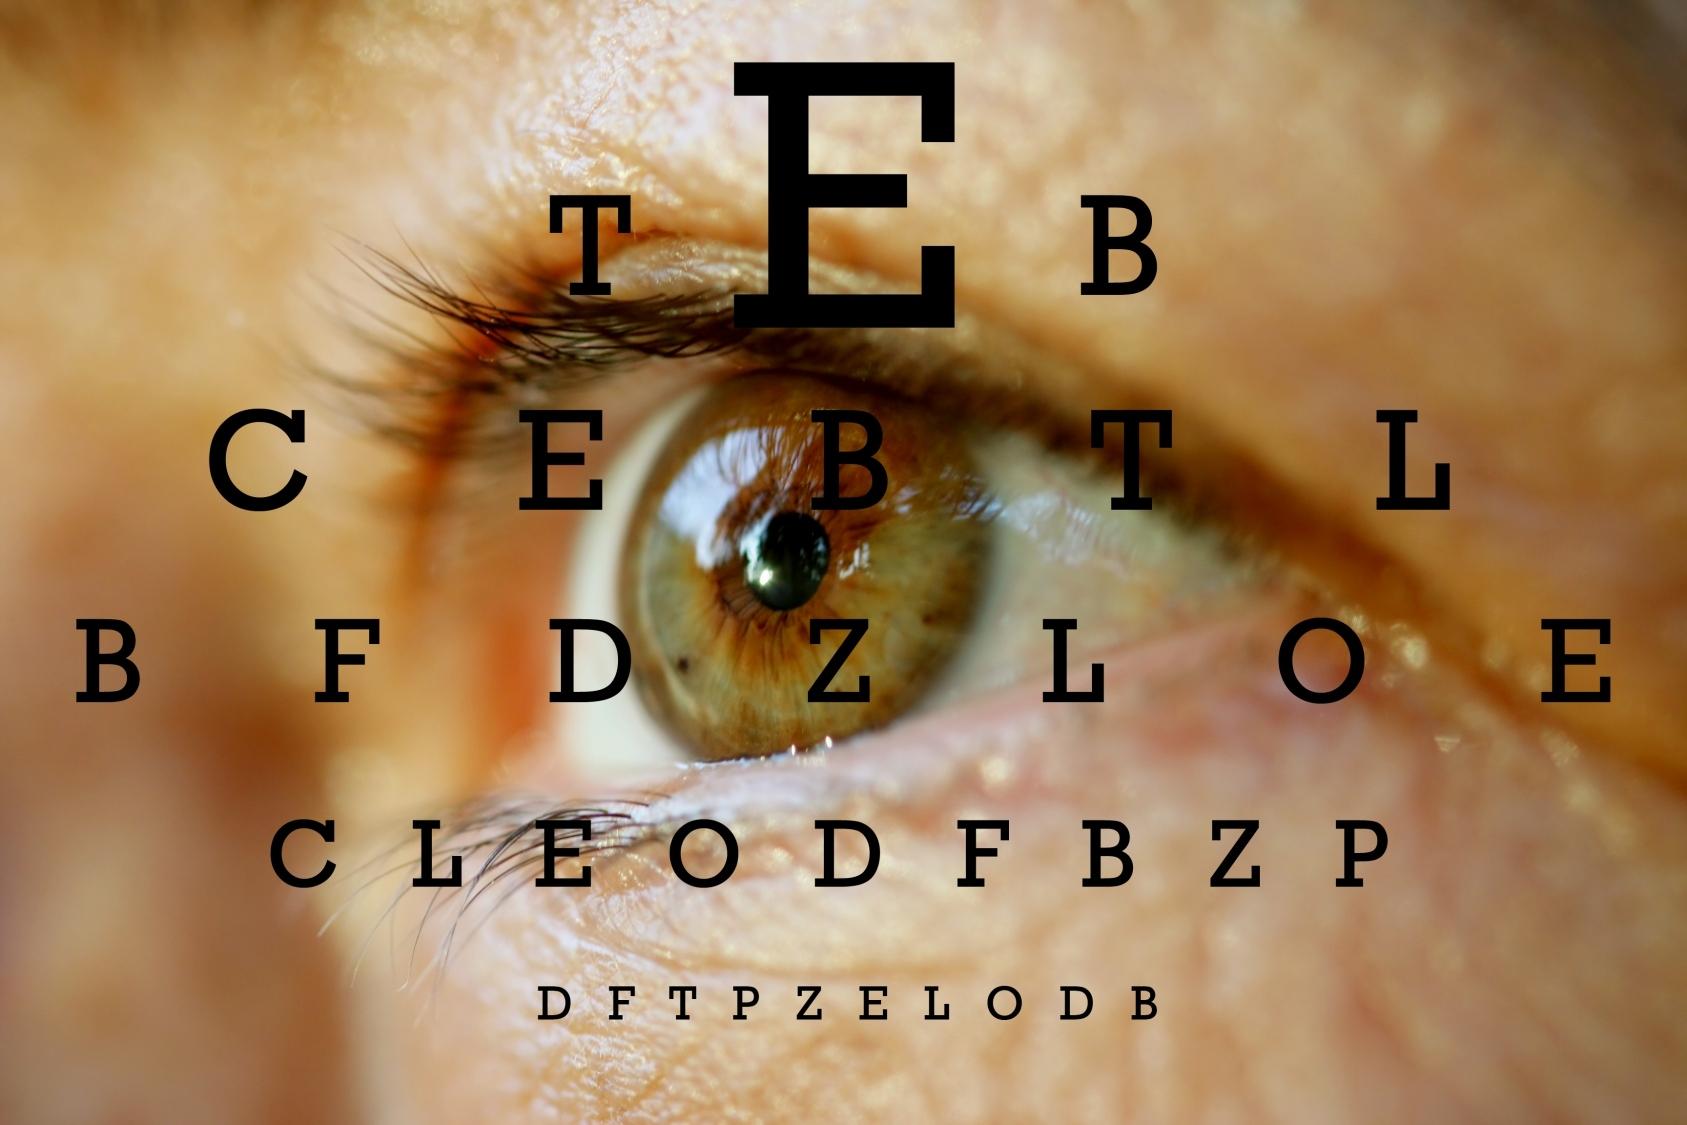 07634ed33bb Silmaarst Tallinnas: silmahaiguste diagnostika/ravi